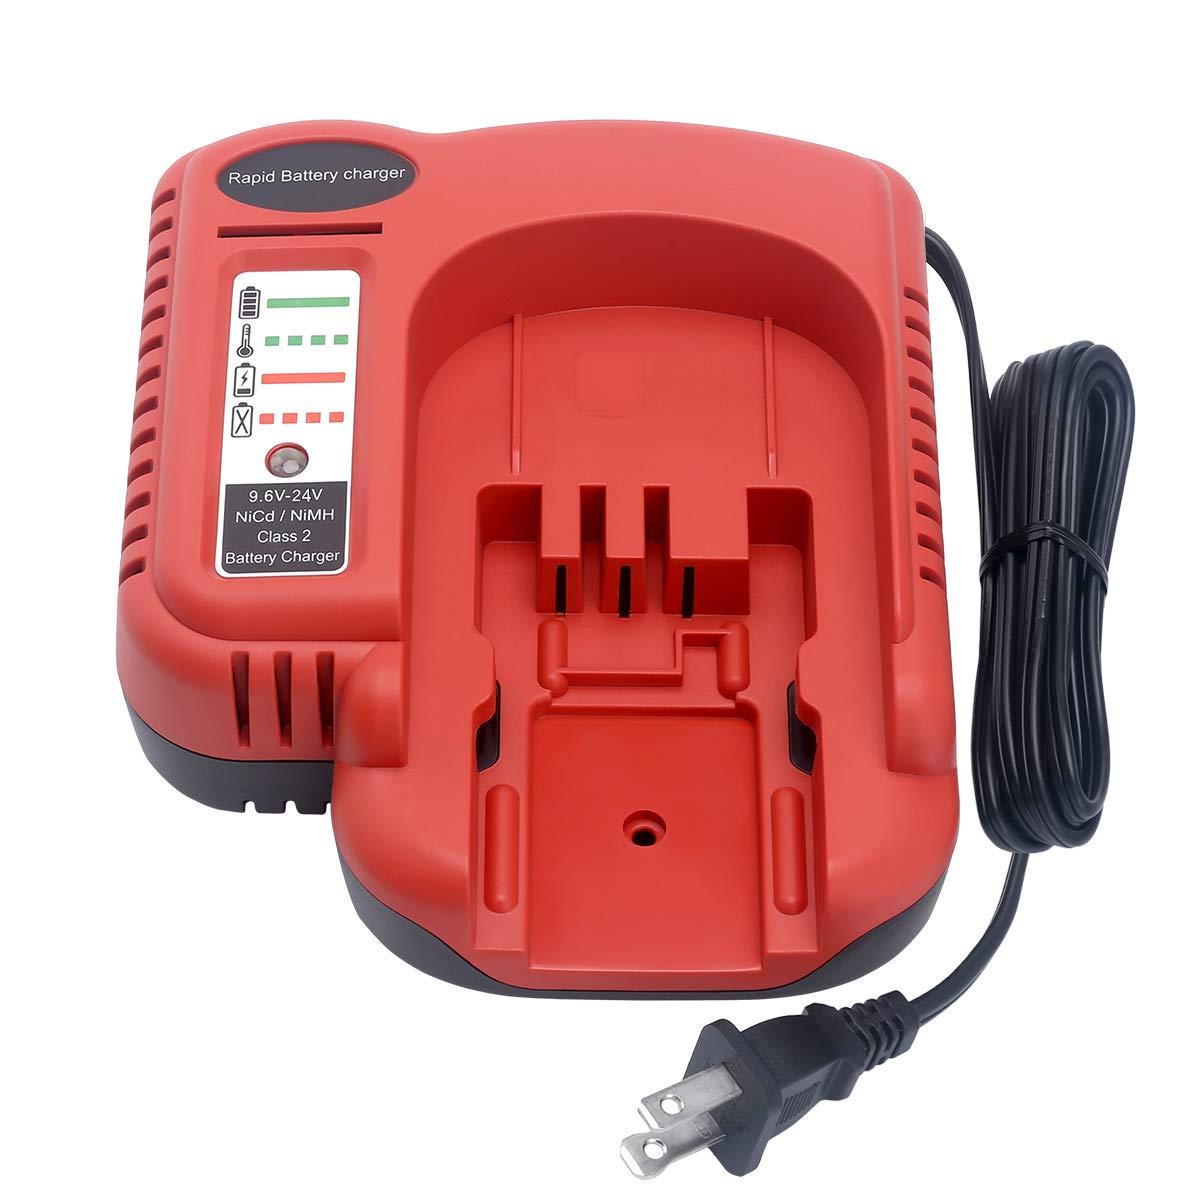 Biswaye 9.6V-18V-24V Battery Charger for Black+Decker FSMVC BDCCN24 BDFC240, for Black & Decker 18V 14.4V 12V 9.6V 24V NiCD&NiMH Battery HPB18 HPB14 HPB12 HPB24 Black Decker 18V Battery Charger